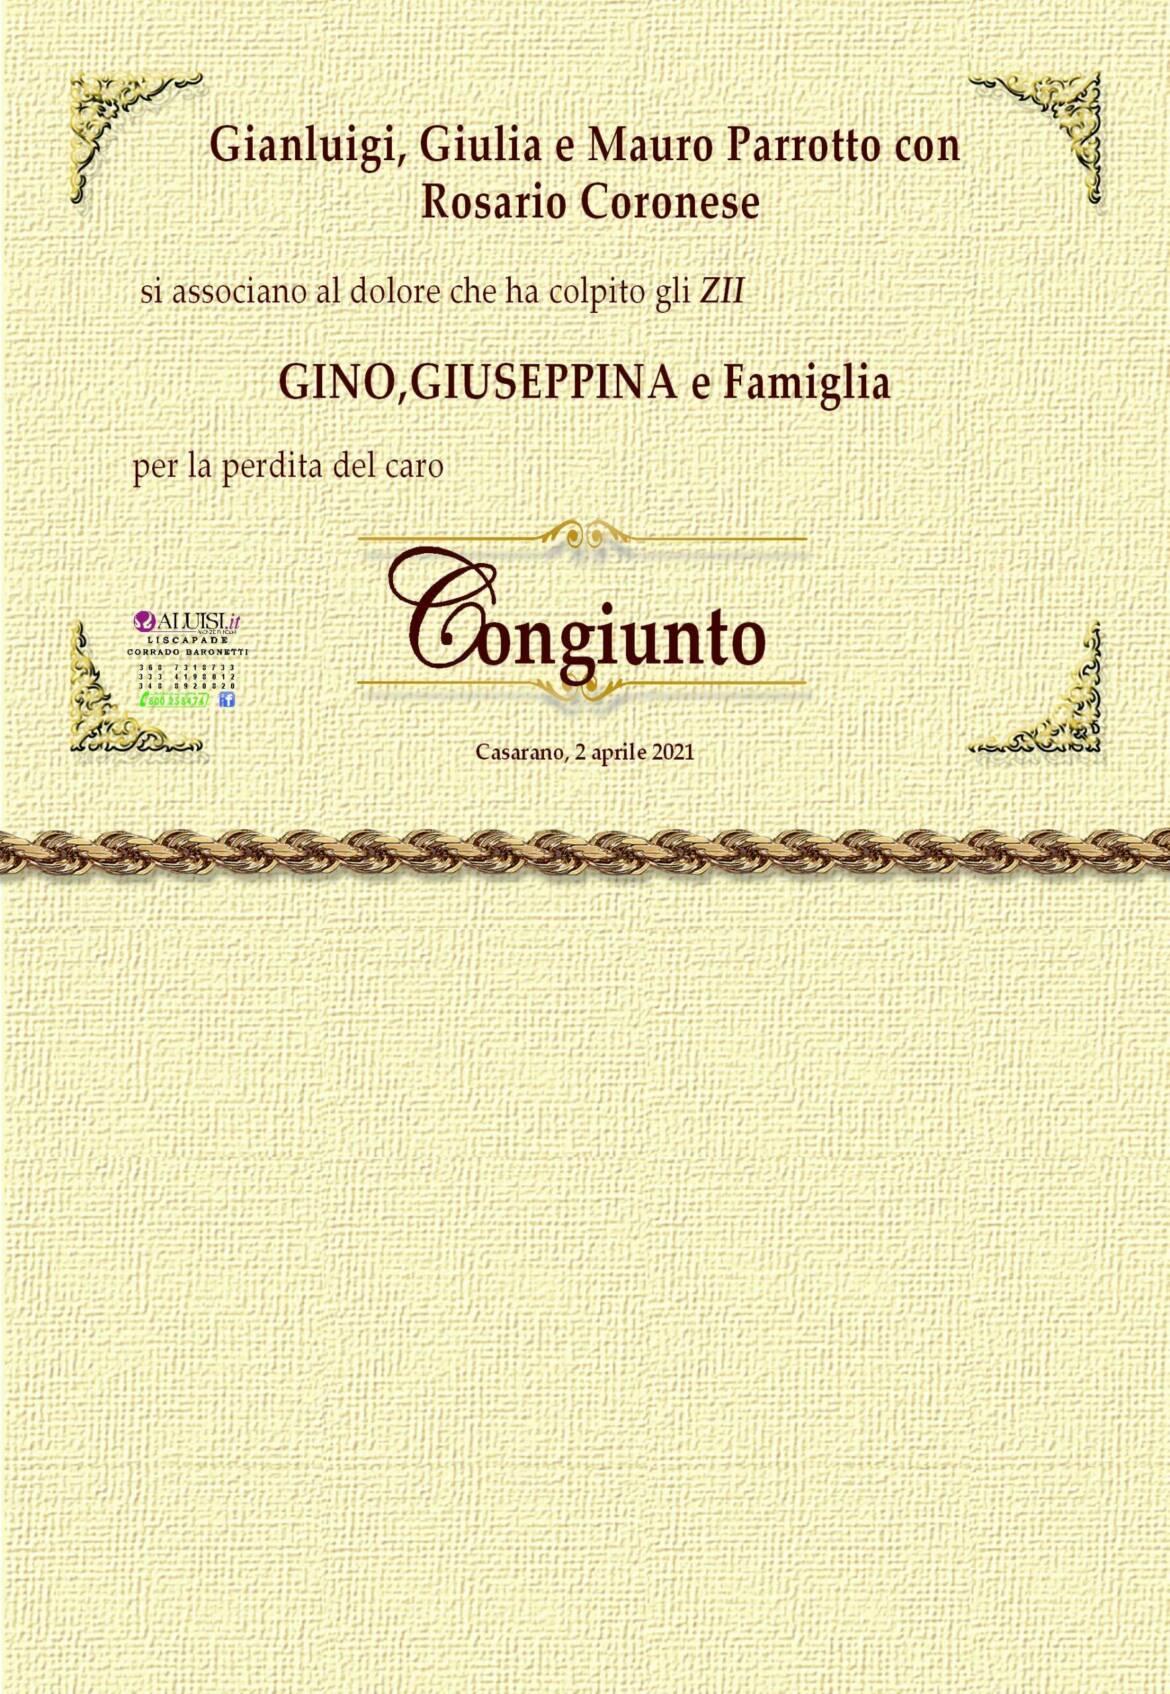 partecipaione-lucio-giuseppe-romano-casarNAO-3-scaled.jpg